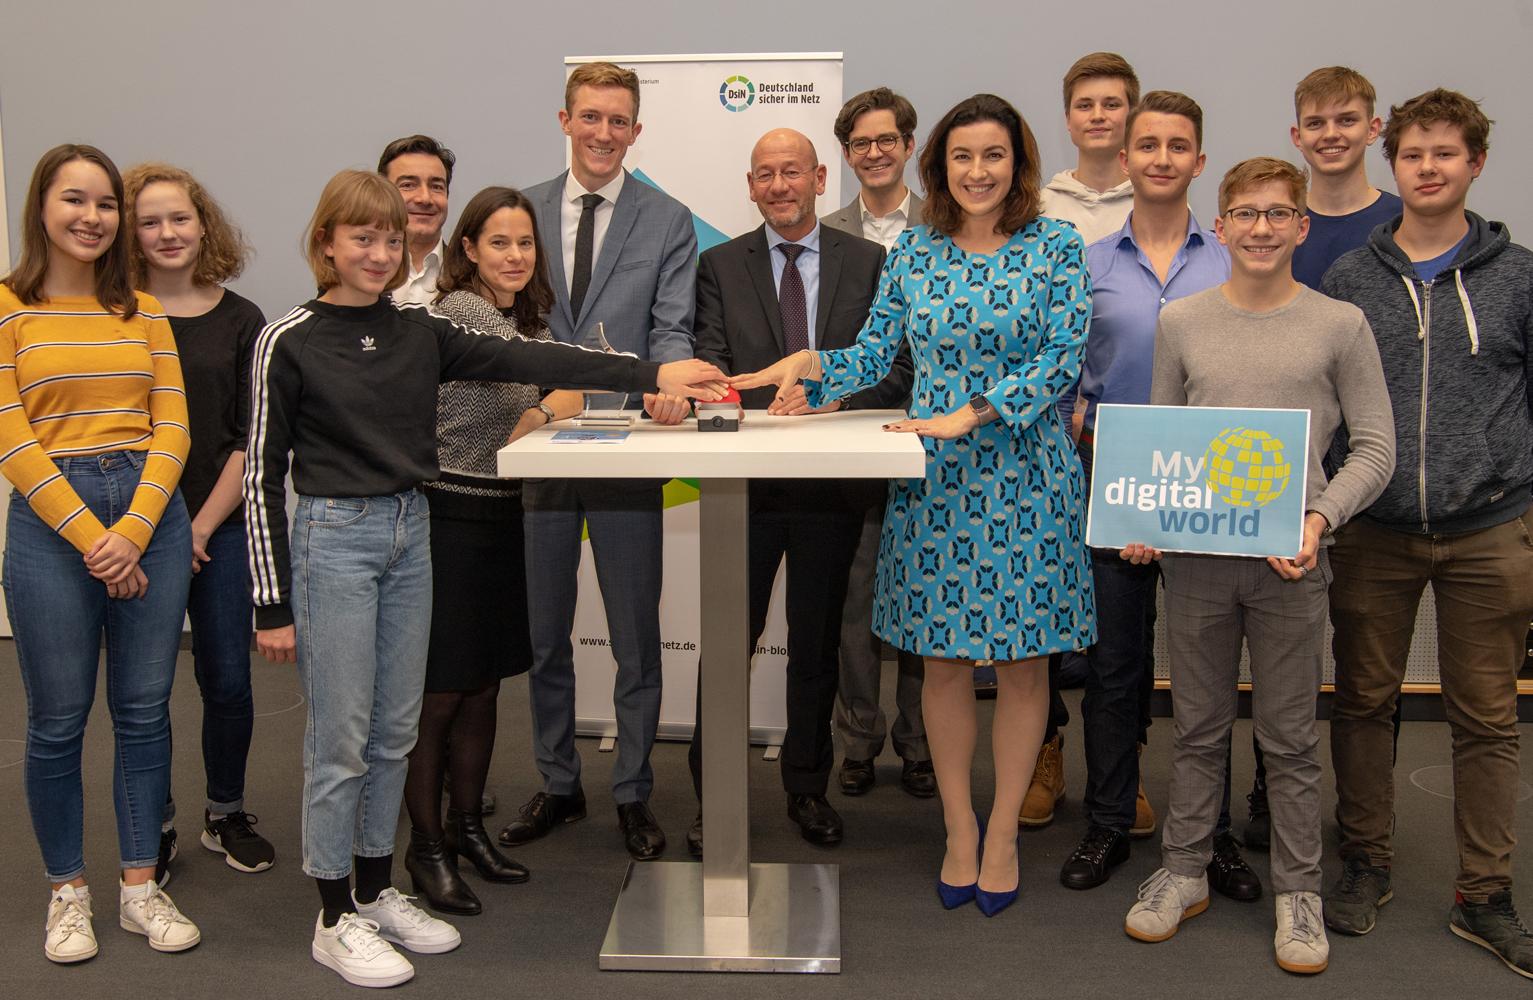 Deutschland sicher im Netz e.V. -Staatsministerin Dorothee Bär hat im Rahmen des Digital-Gipfelsrder Bundesregierung den Jugendwettbewerb myDigitalWorld gestartet.